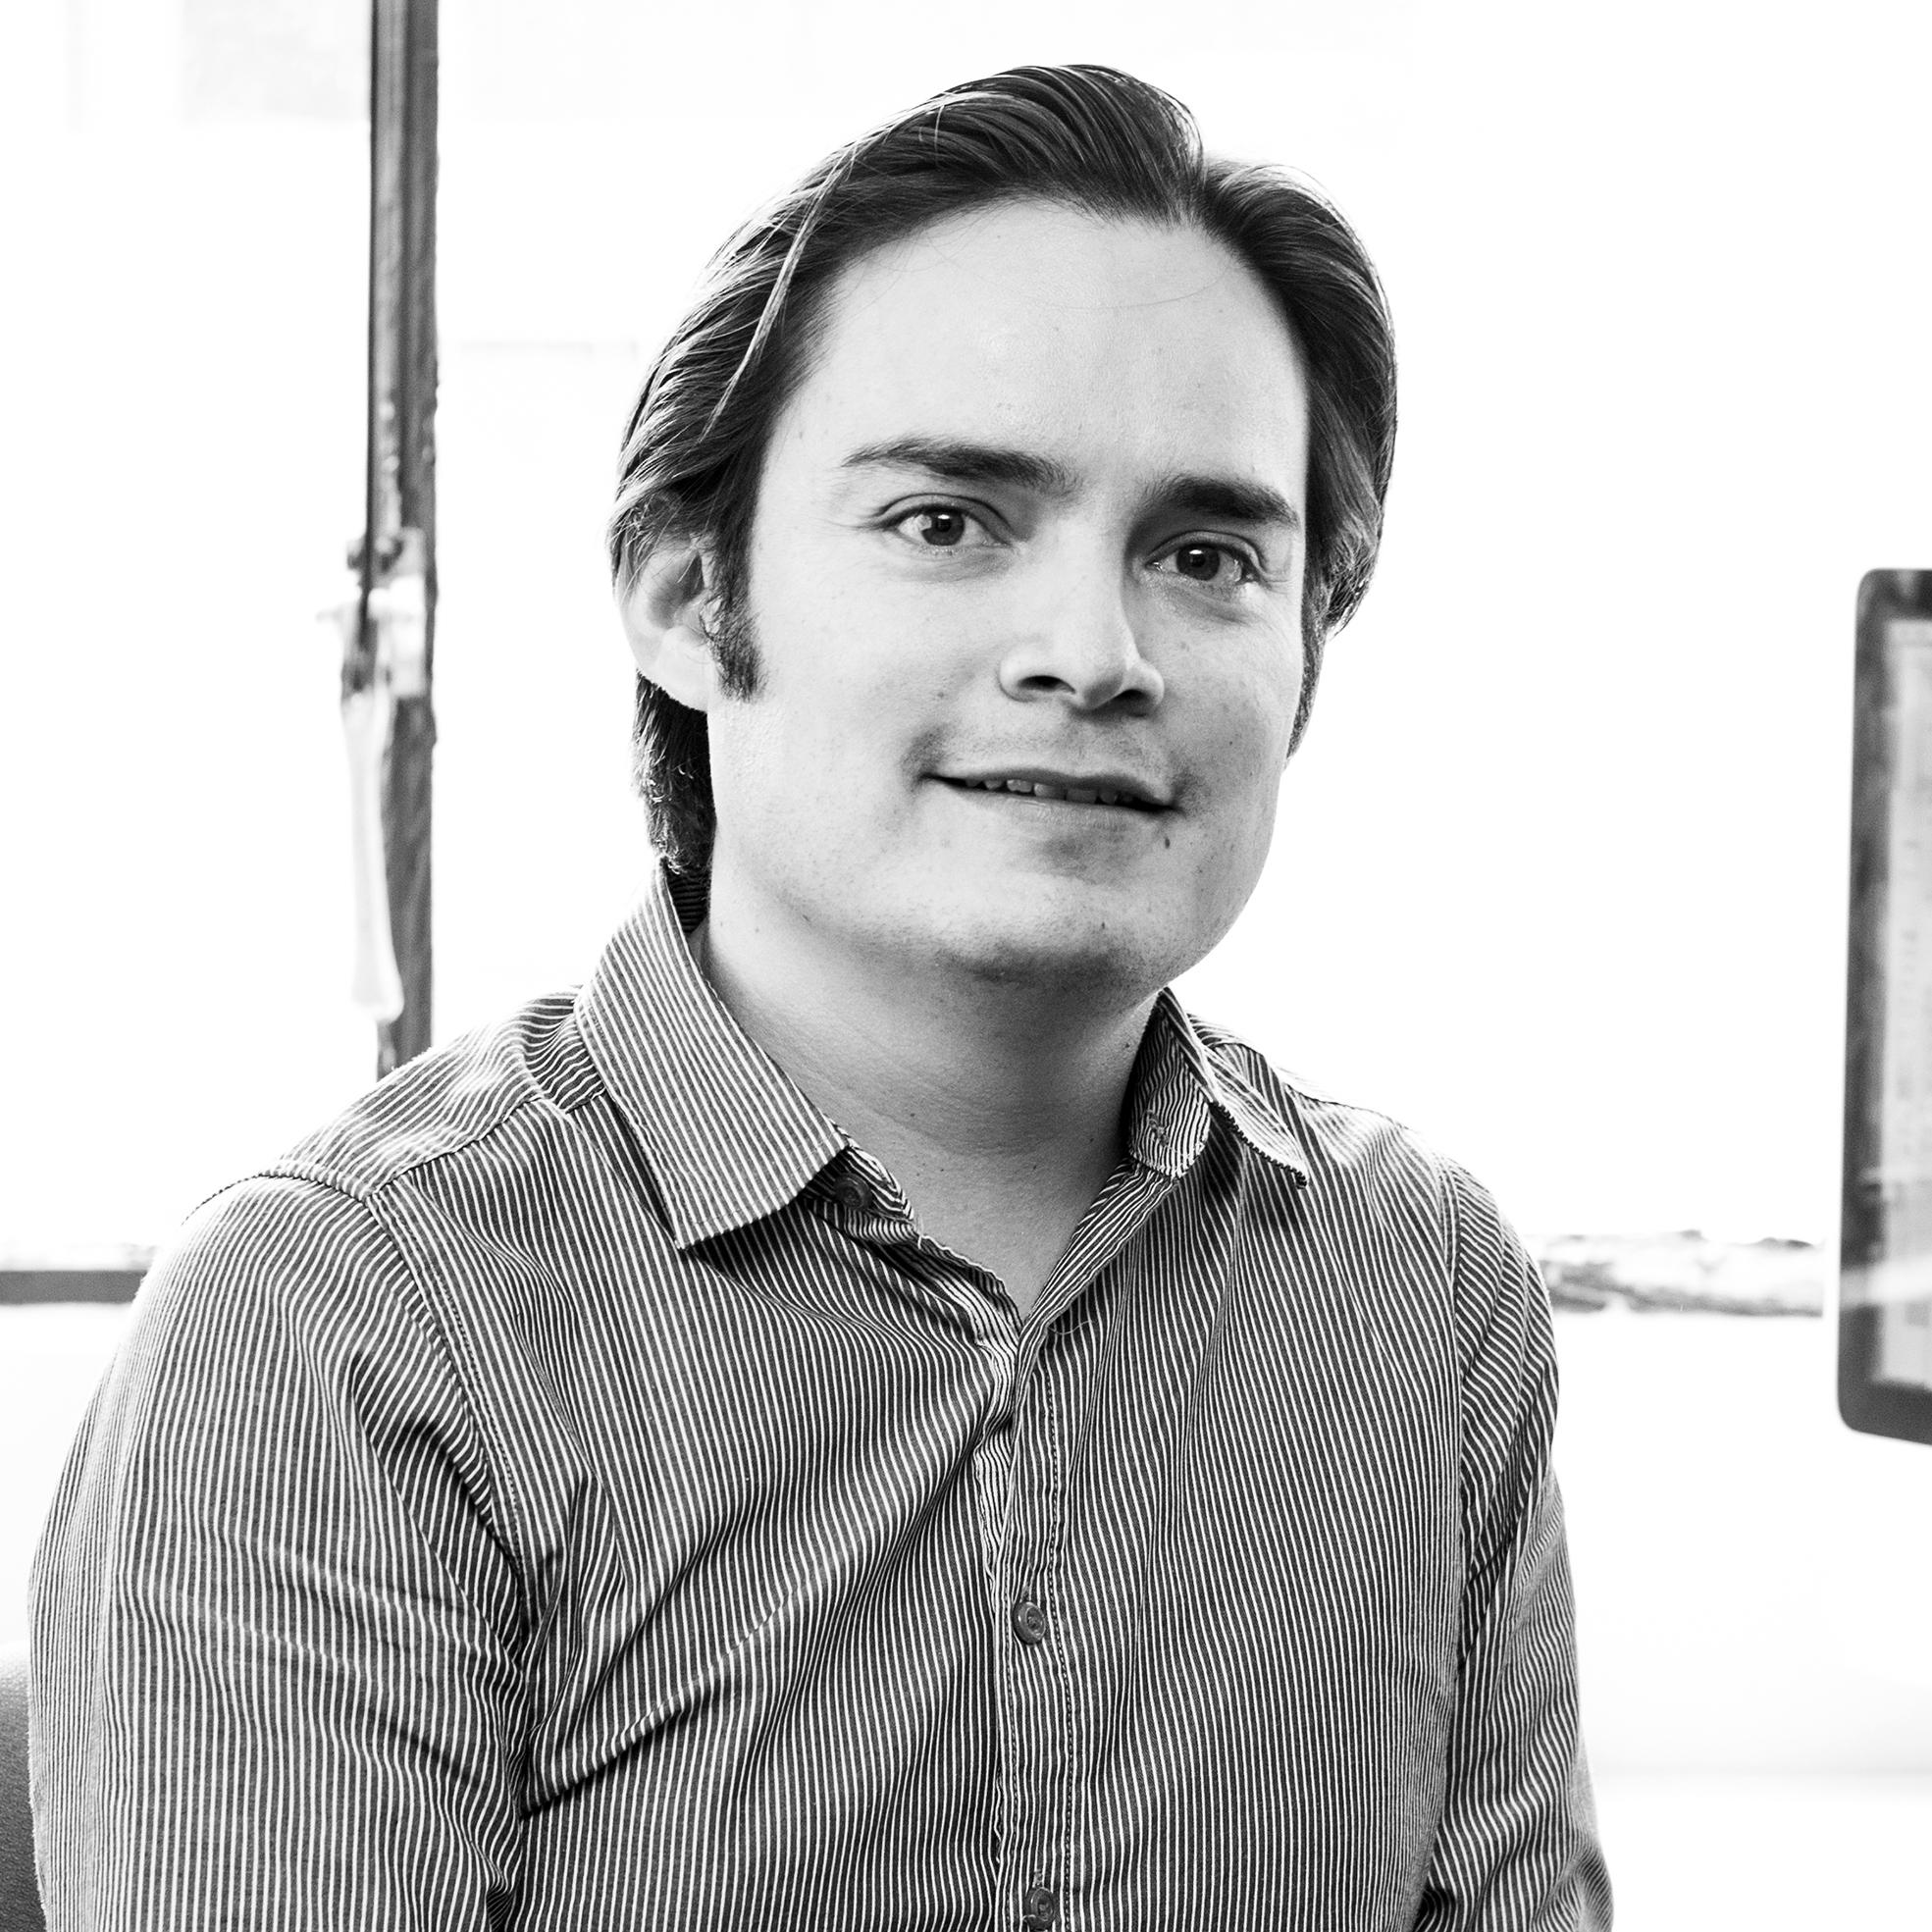 DAVID ARCOS  Graduado en Administración de Empresas y en Contabilidad en la PUCE, realizó un MBA en la Universidad del Mar, Chile, y una maestría en Sistemas de Calidad y Productividad en el Tecnológico de Monterrey. Tiene experiencia en la dirección de proyectos, manejo financiero, contratación y control. Al interior de Ziette gerencia el área administrativa y financiera.